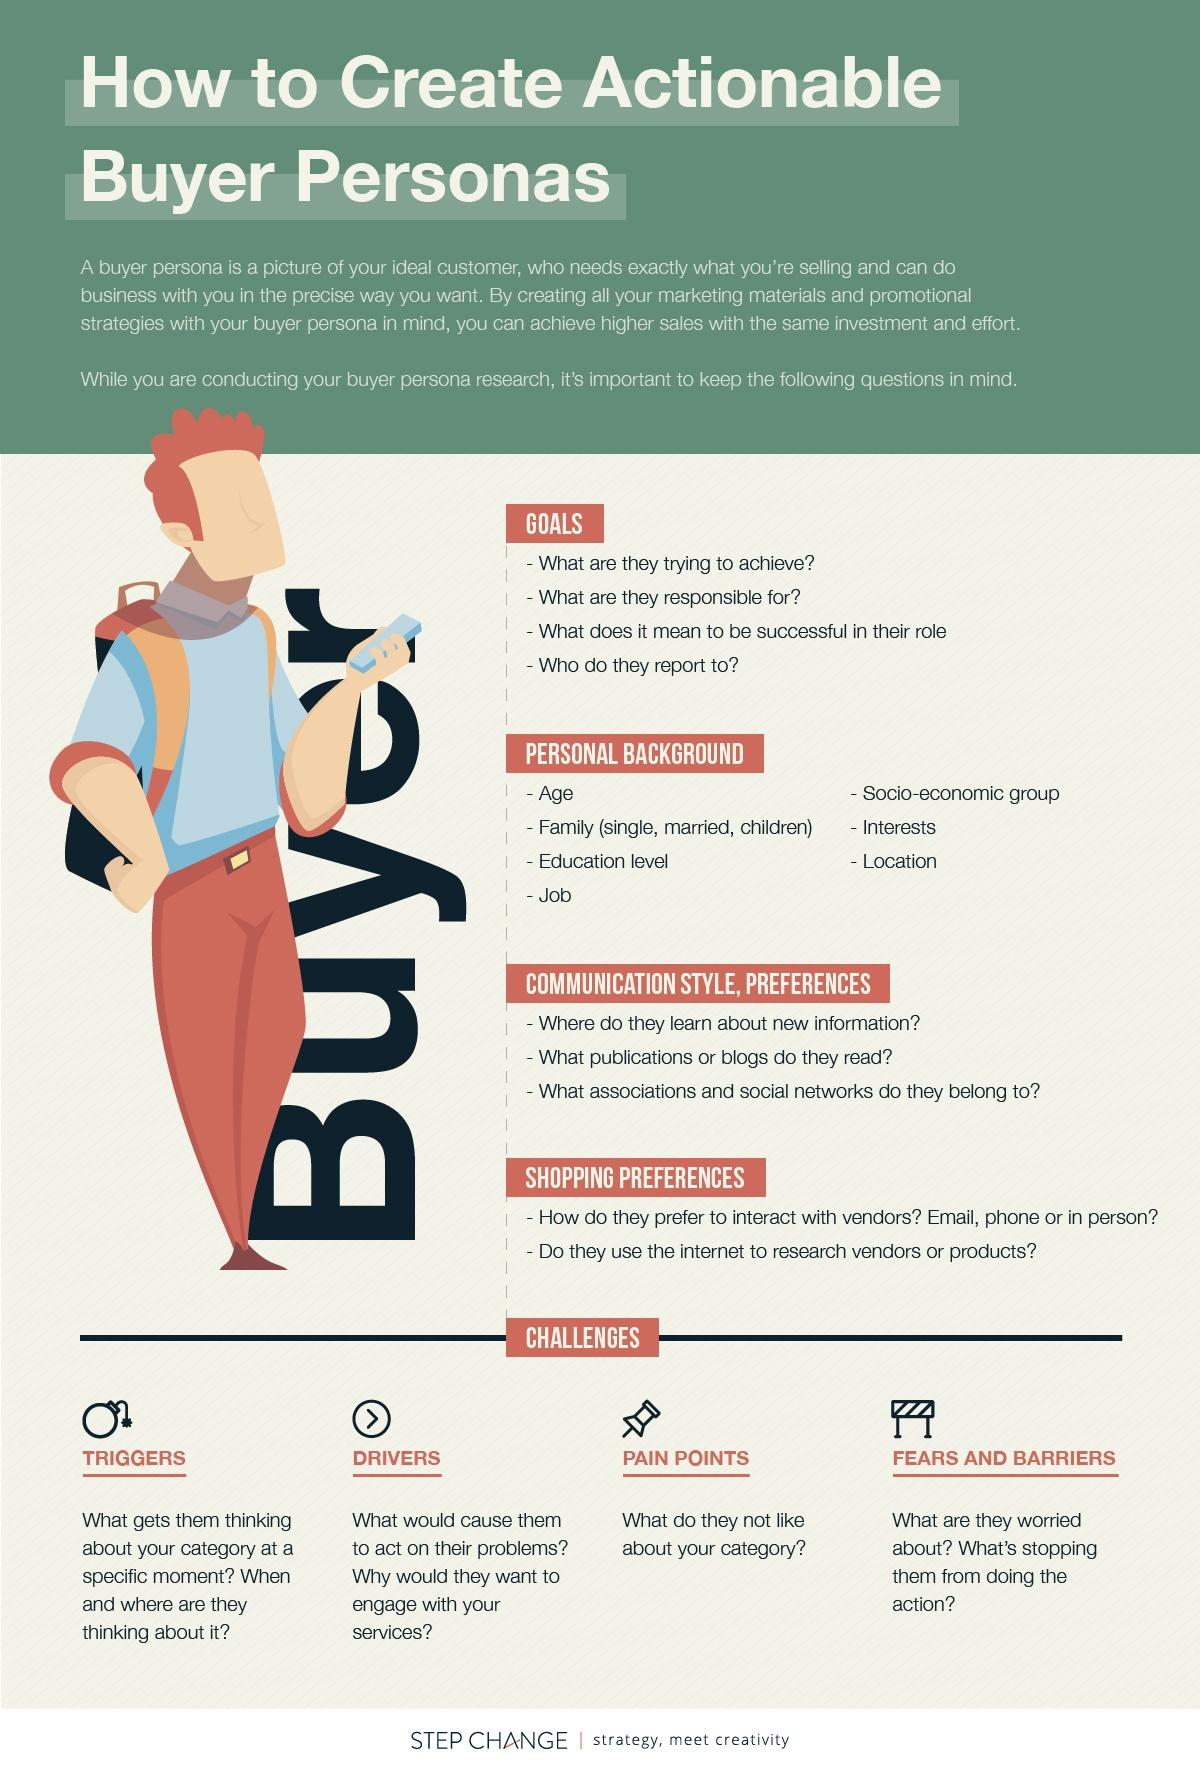 actionable-buyer-persona